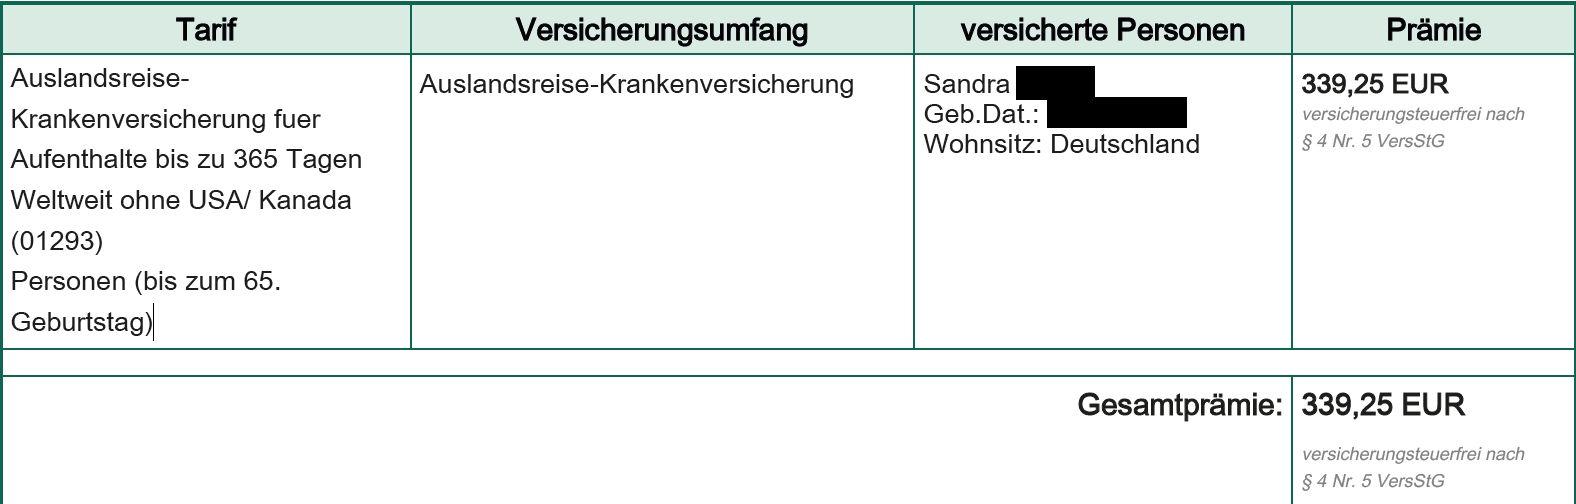 HanseMerkur Auslandskrankenversicherung